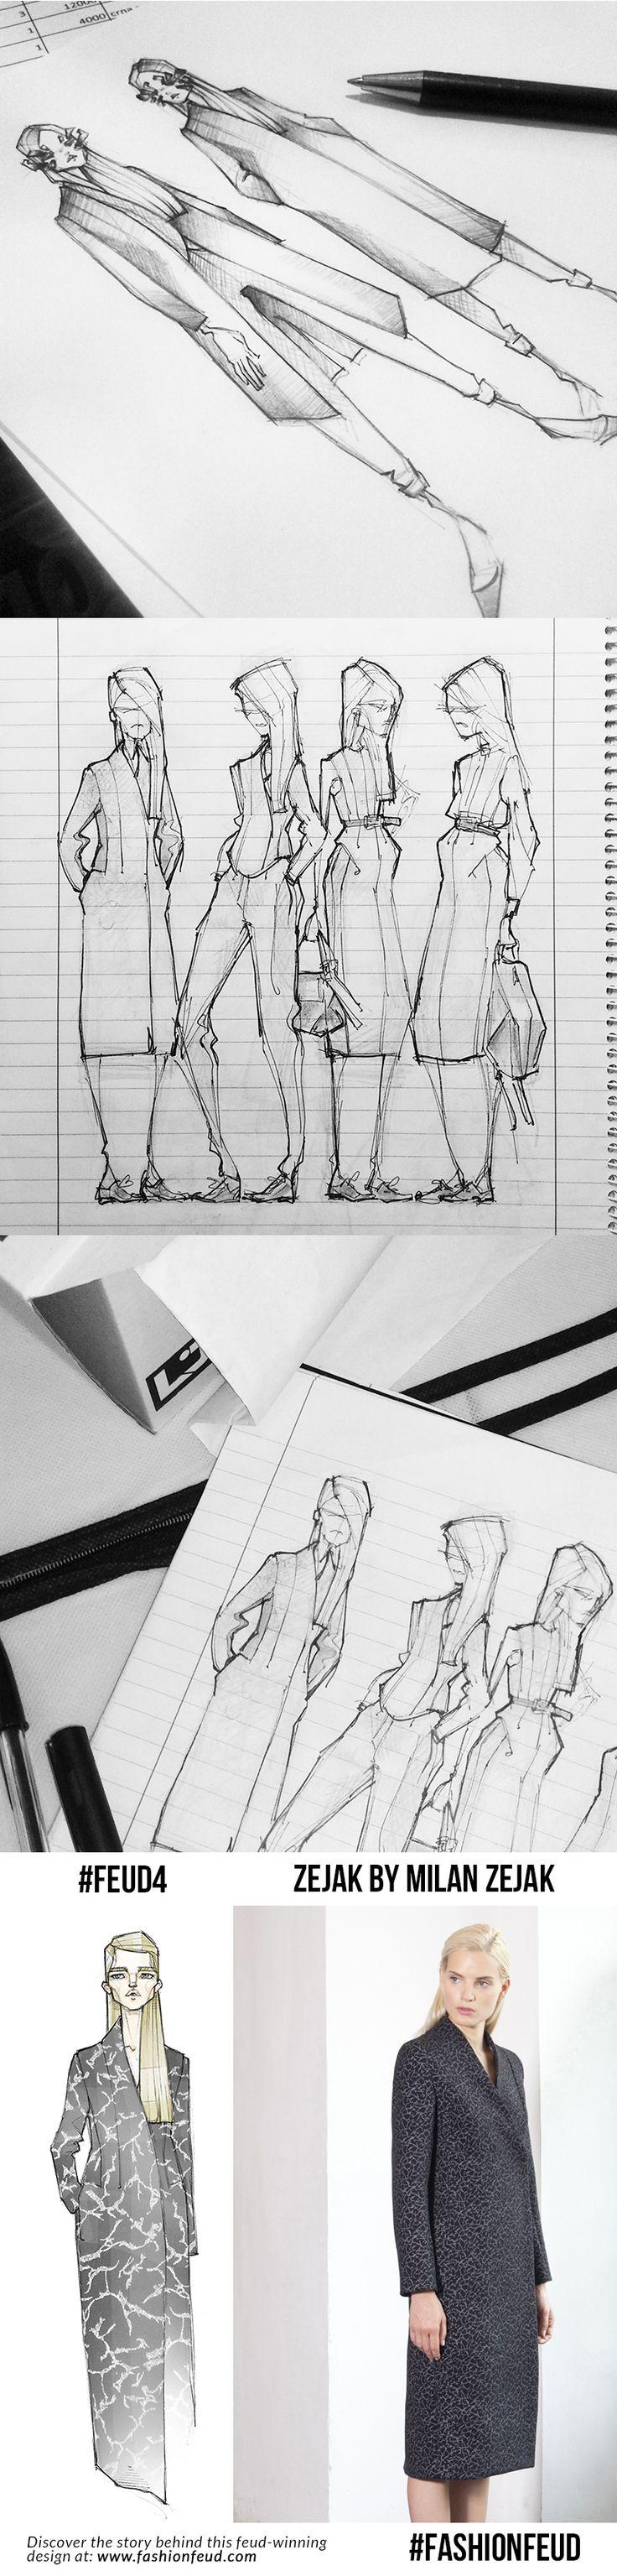 Fashion Sketchbook - fashion sketches; fashion design development // Milan Zejak - a Feud-winning fashion designer at Fashion Feud